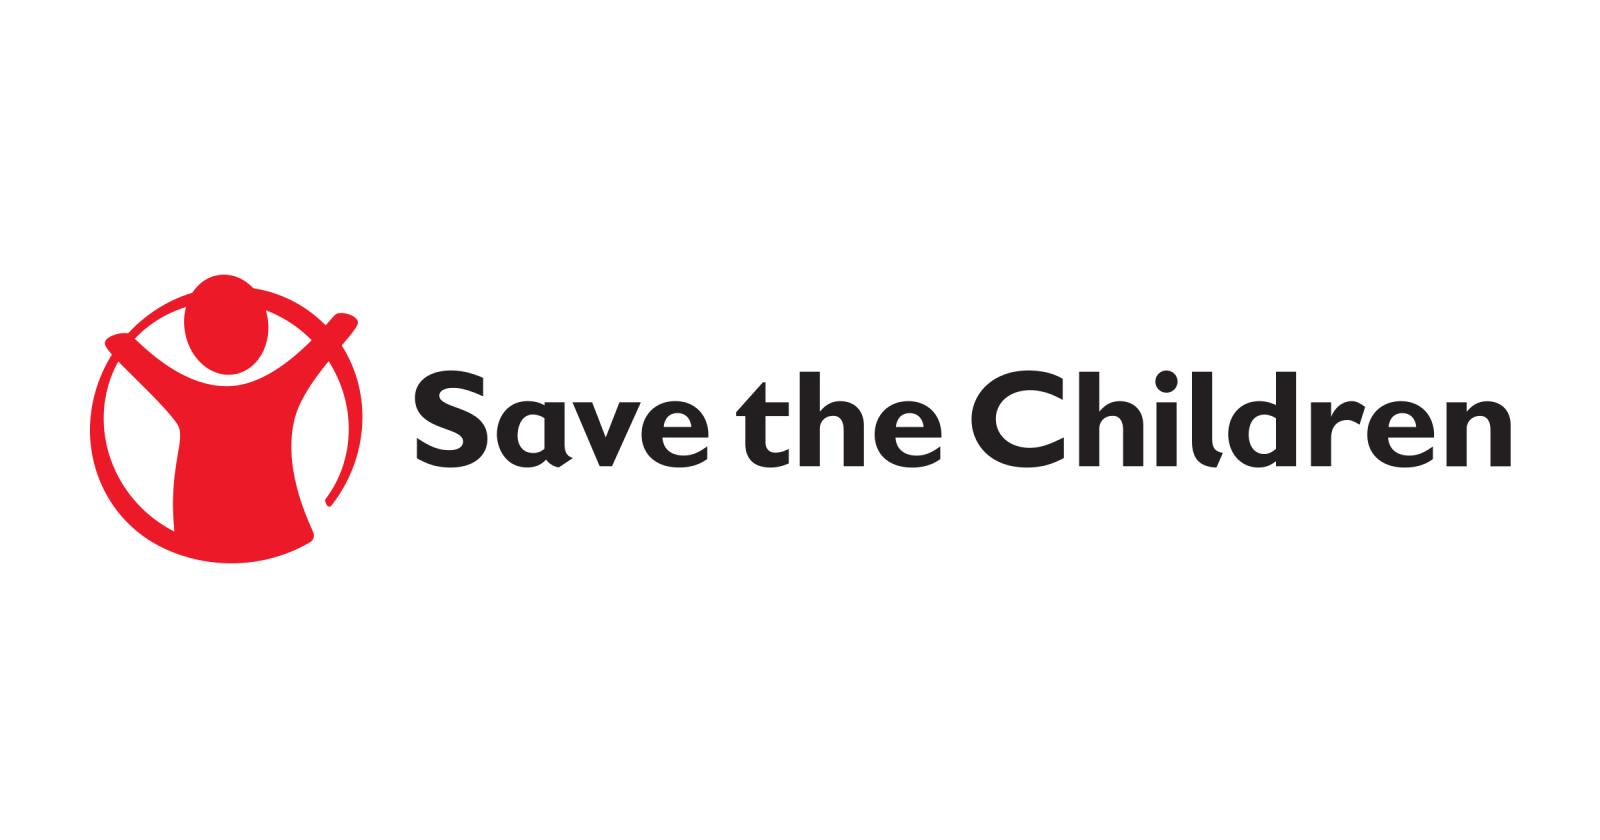 Scuola: Save the Children, in Italia 4,5 milioni di studenti vivono in aree ad alta o medio-alta pericolosità sismica